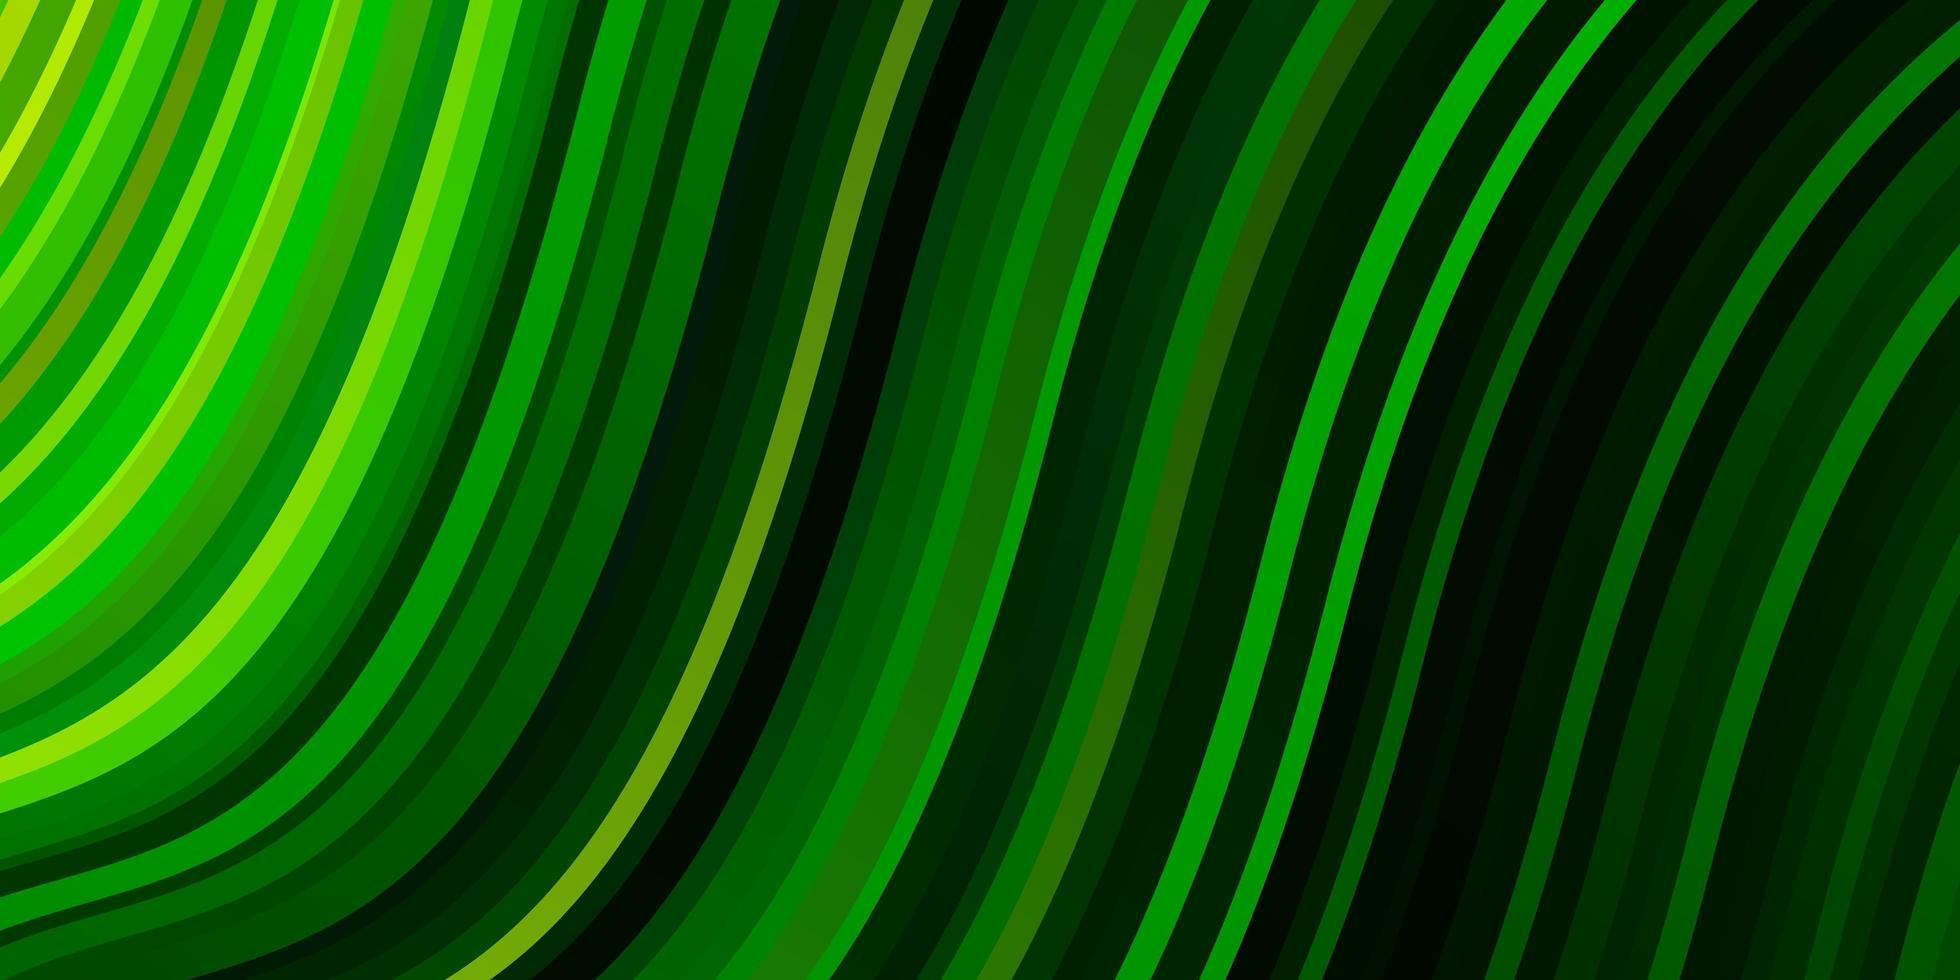 textura vector verde escuro com linhas irônicas.